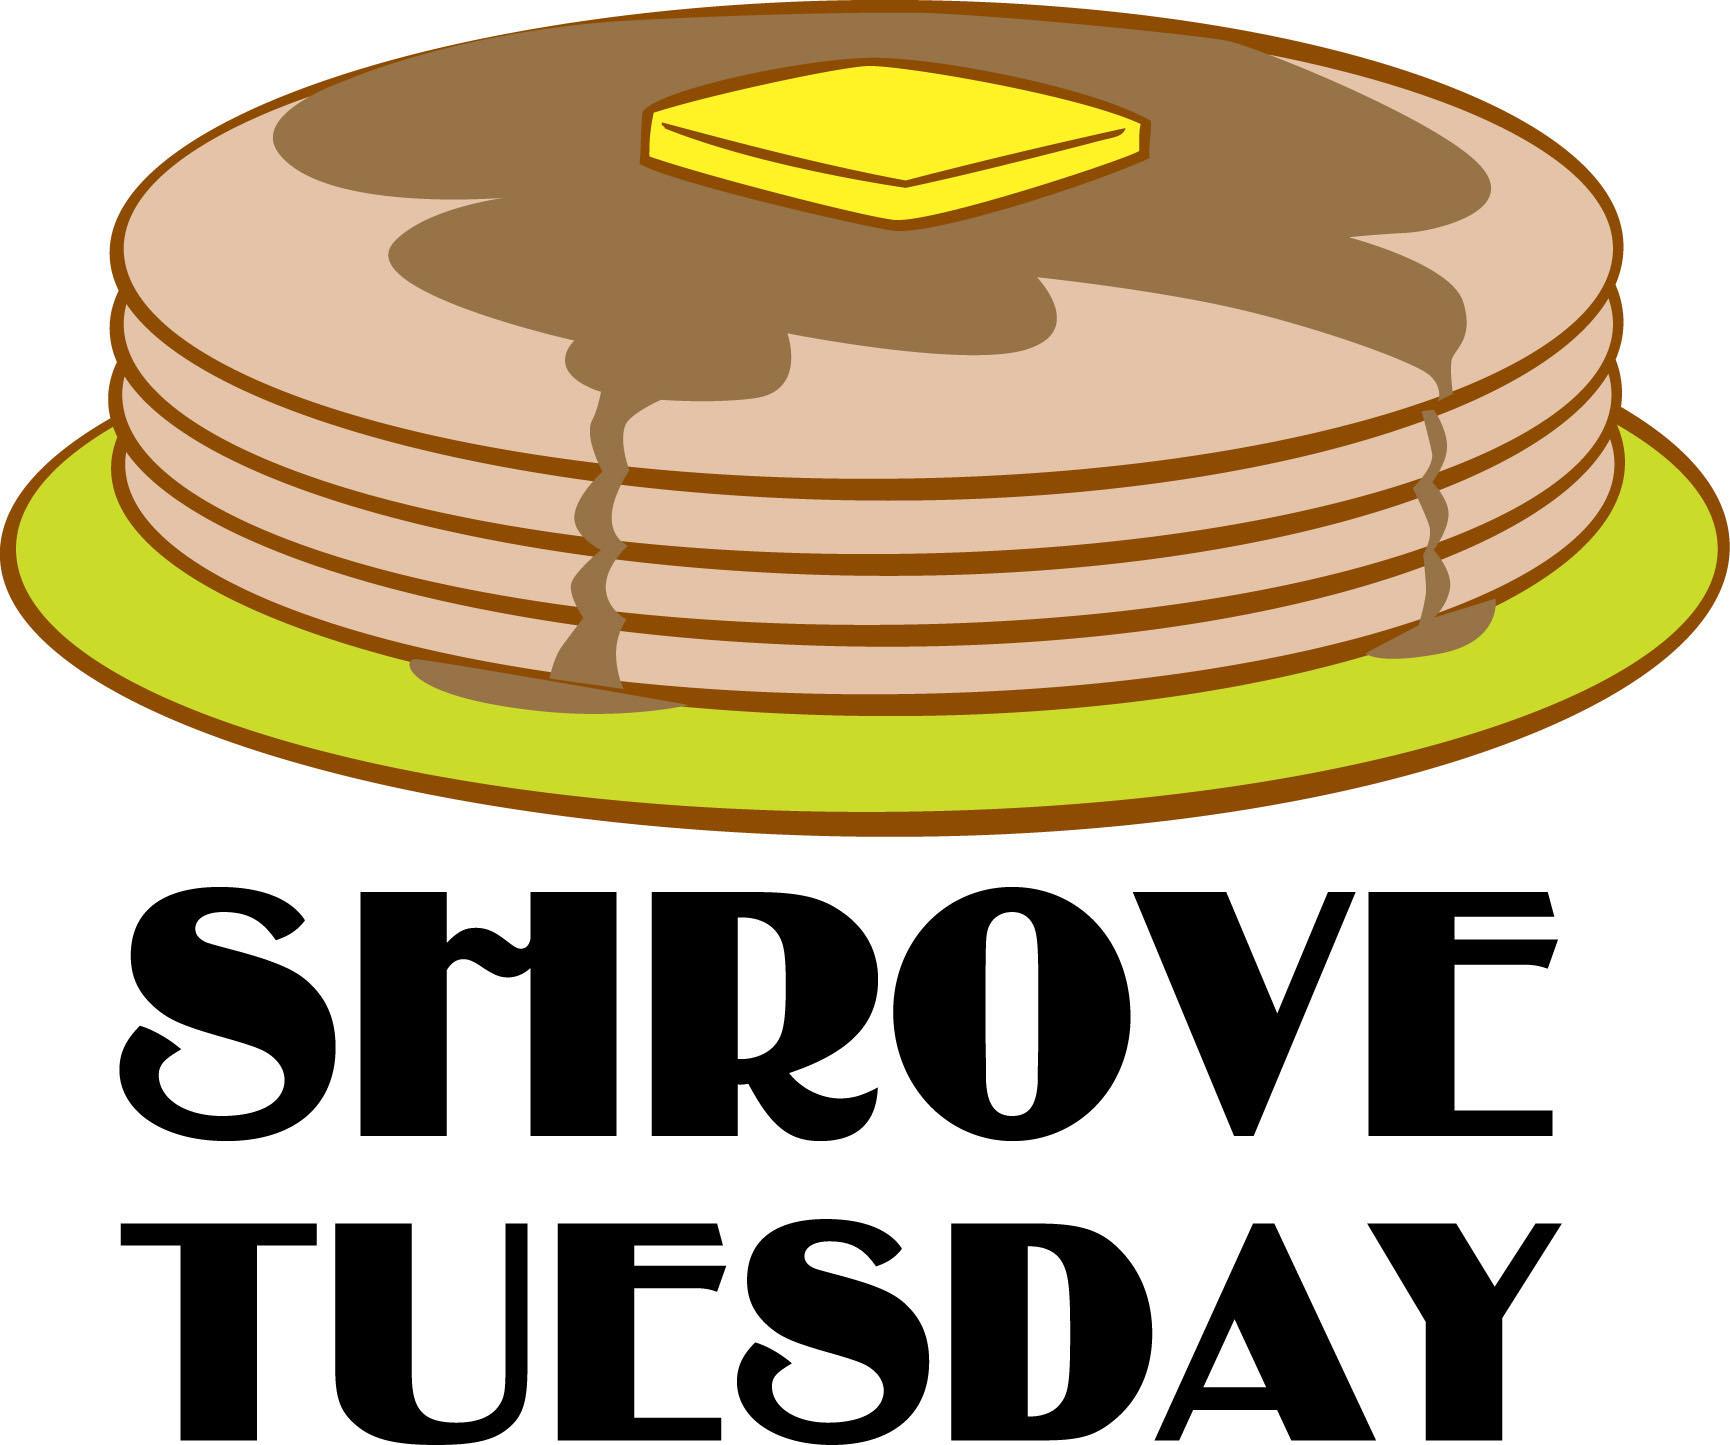 Shrovetide Days: Friday — Vespers 21